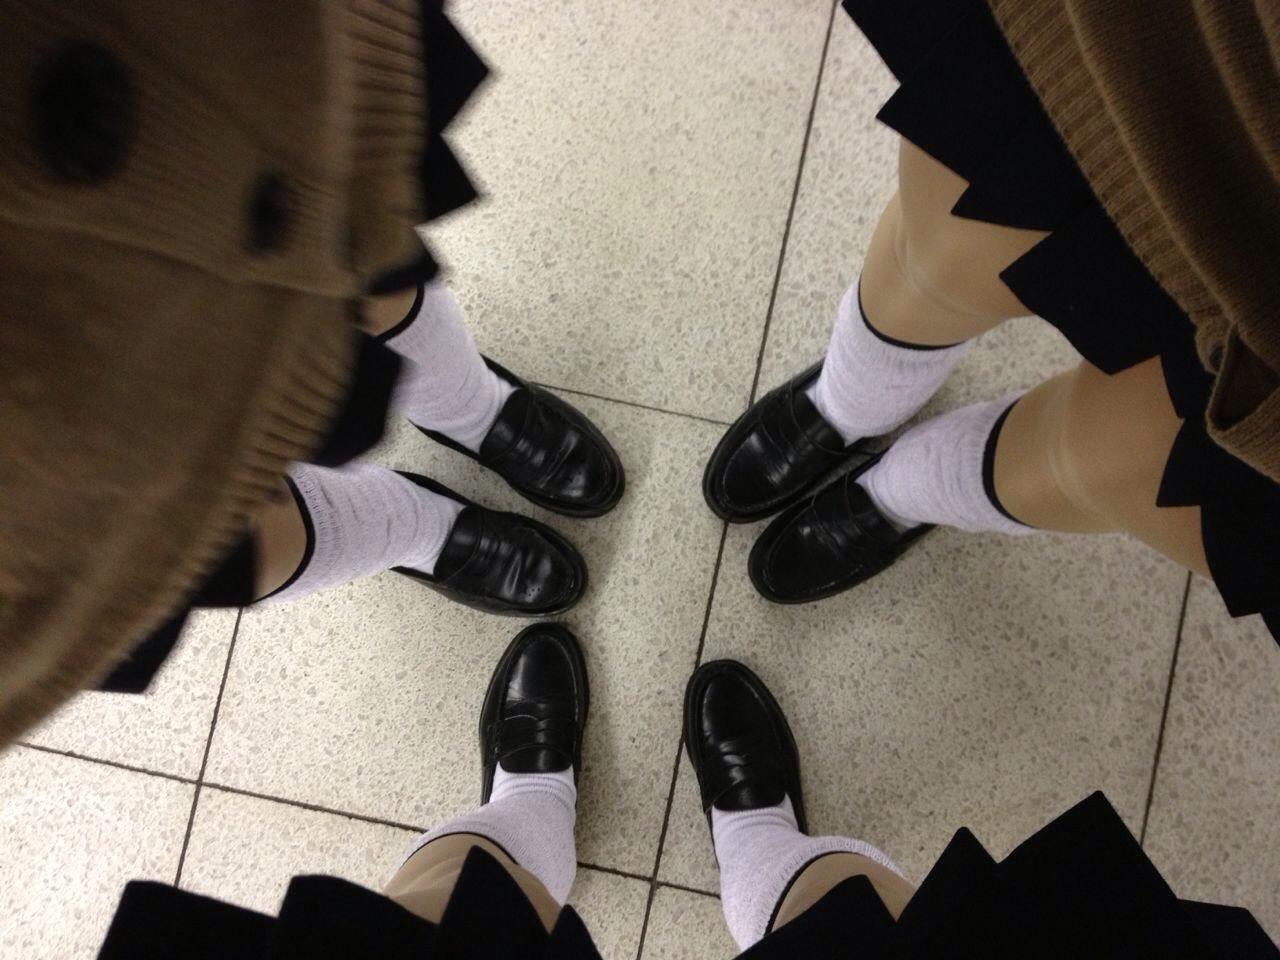 女子高生の靴下大好きソックスフェチ画像wwwwwwwwww EPzaDCU